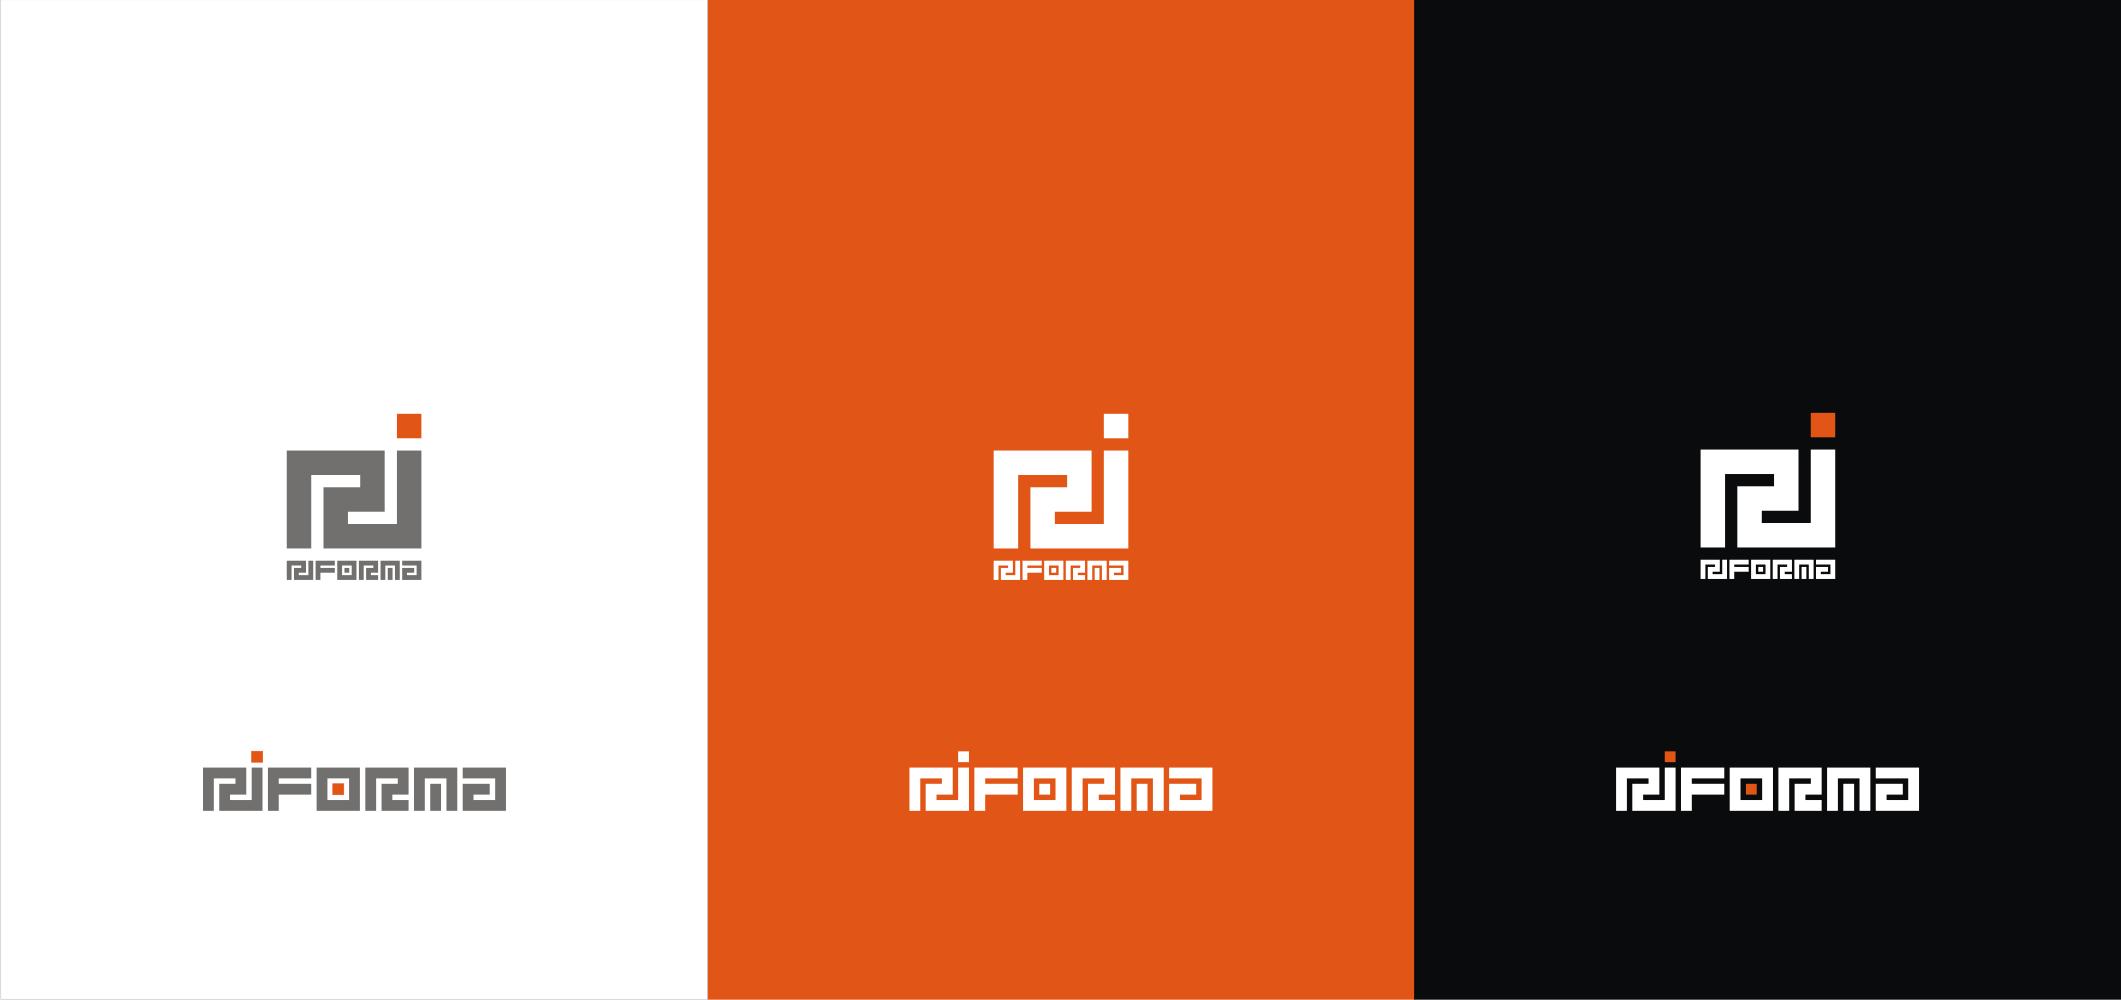 Разработка логотипа и элементов фирменного стиля фото f_15257a3f721bc0ae.png